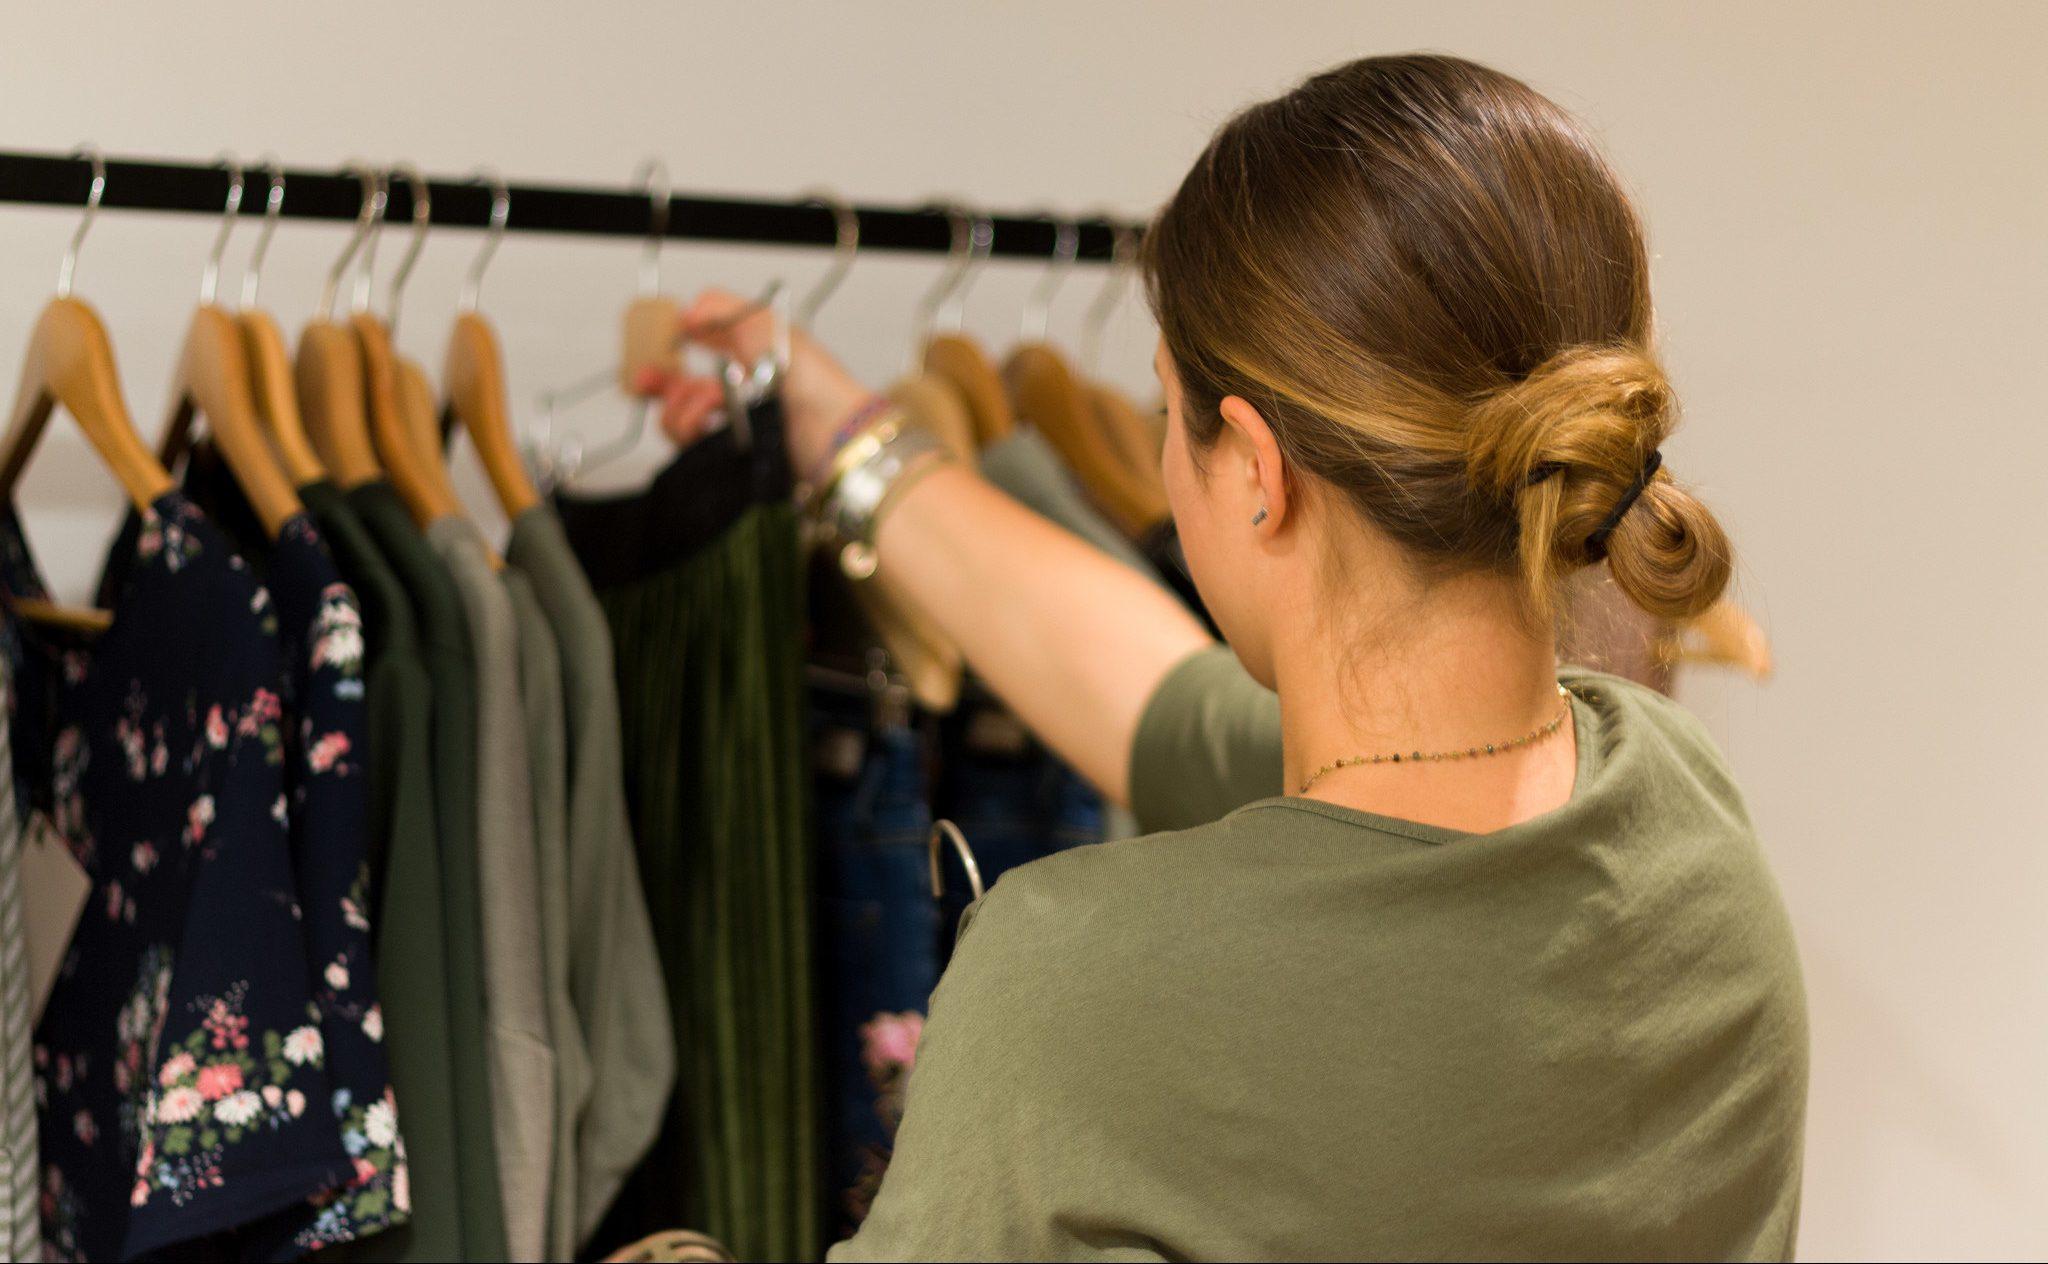 Vrouw hangt kleding op bij Les Soeurs